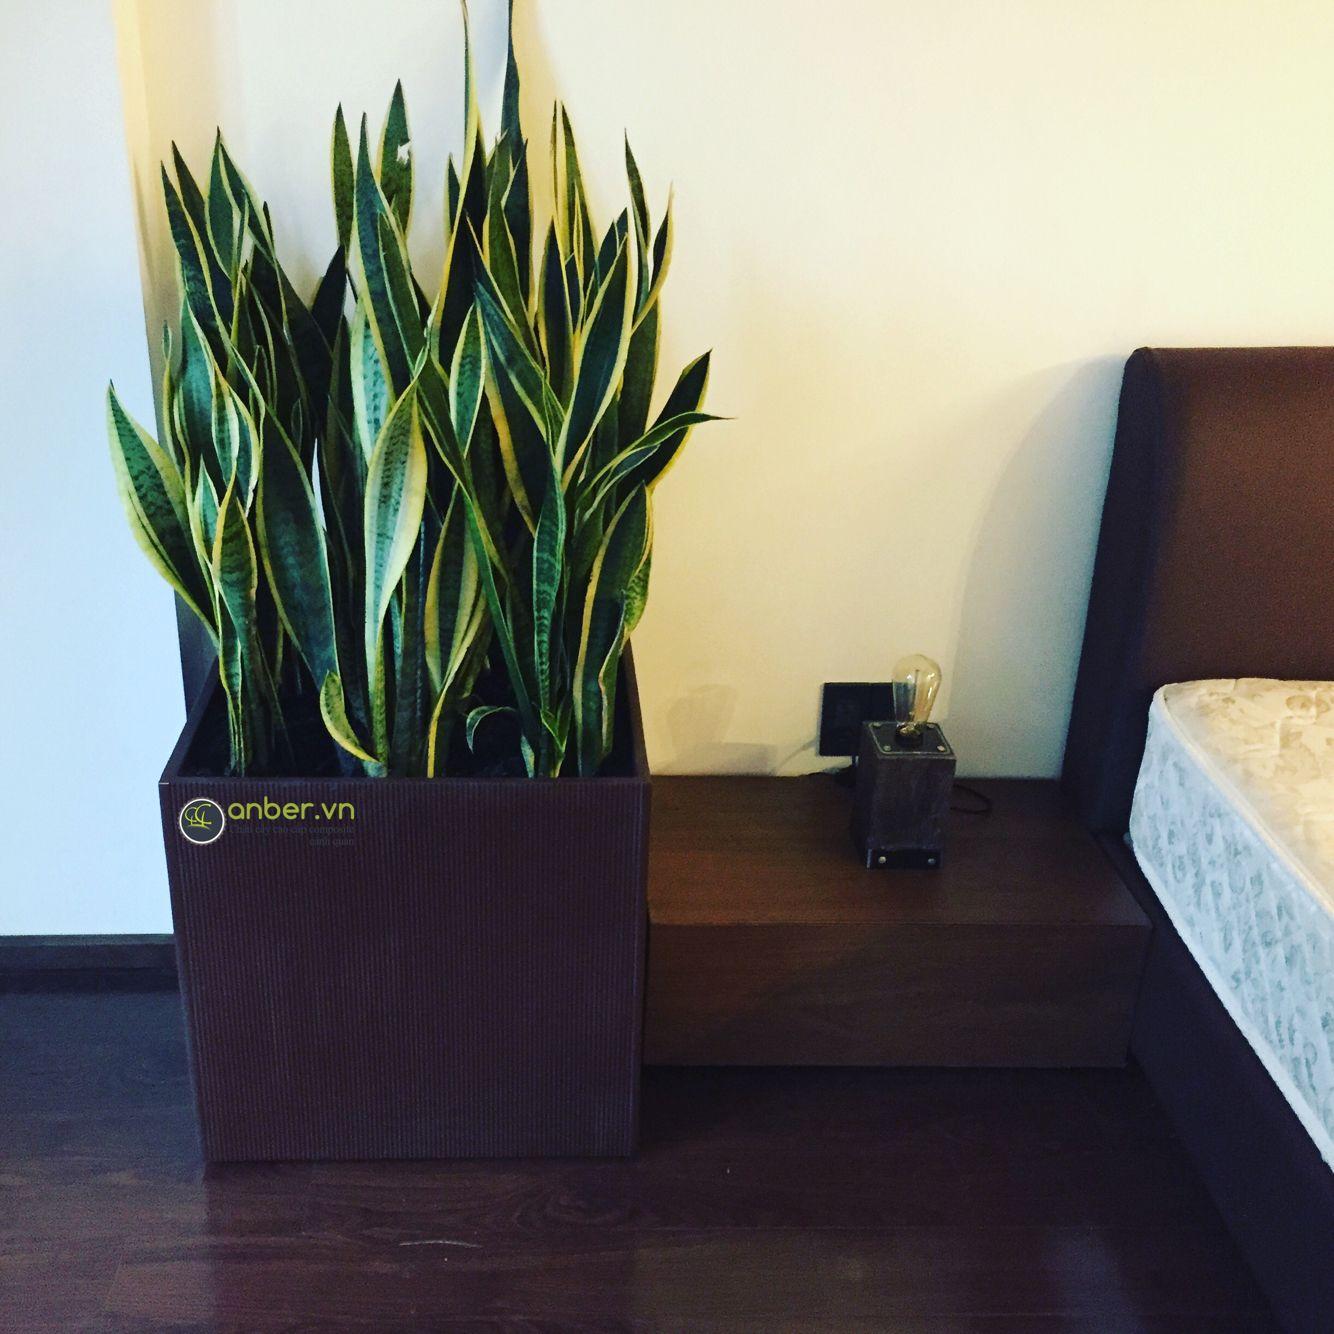 Trang trí nội thất phòng ngủ với mẫu chậu cây cao cấp anber + cây lưỡi hổ --- Link đặt hàng mẫu chậu này: http://anber.vn/search?type=product&q=1483 Đặt nhanh: 0964 32 9799